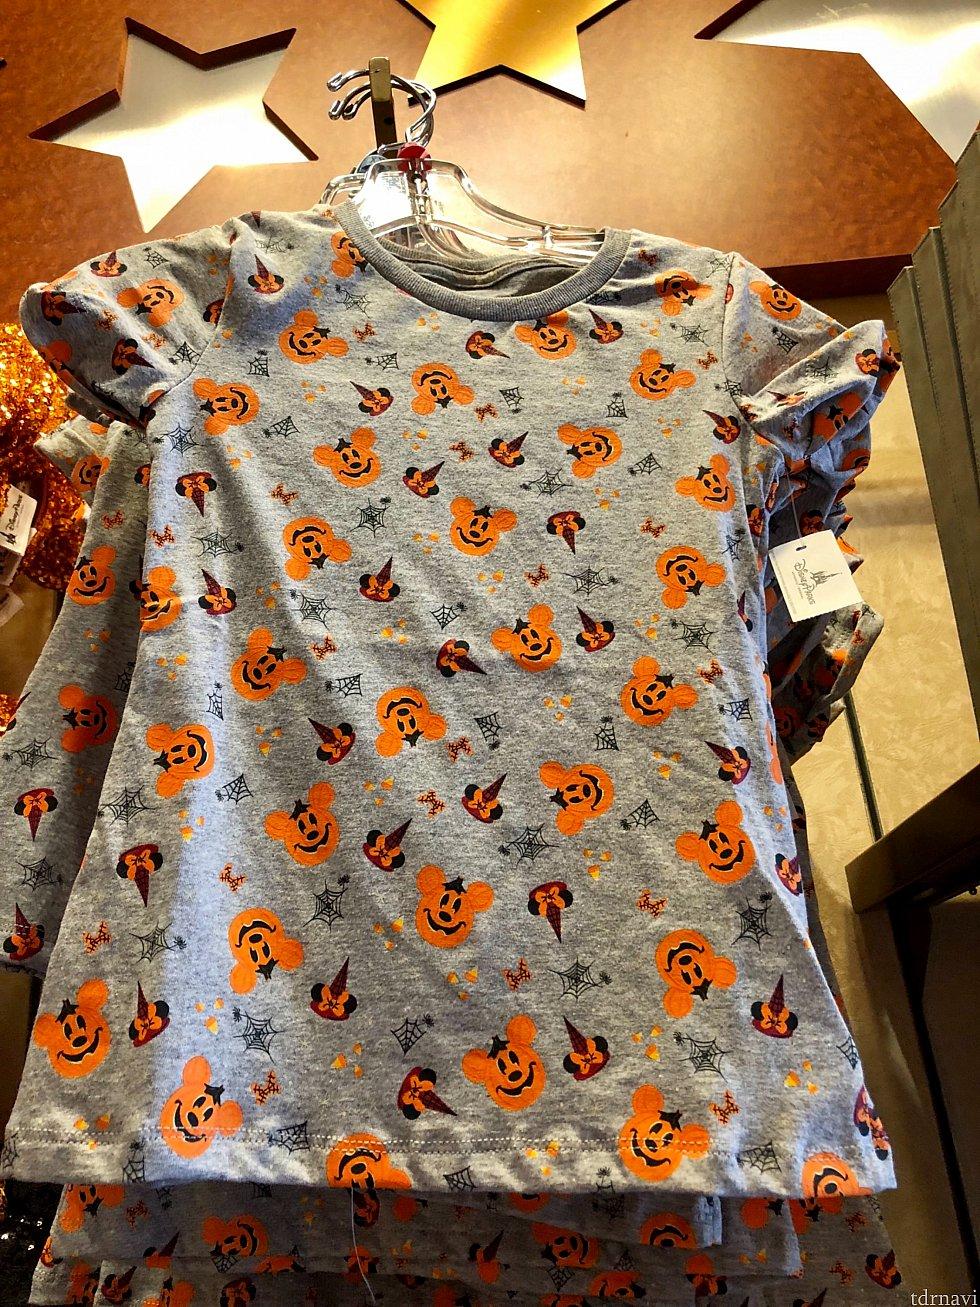 これも女の子用のTシャツです。$24.99